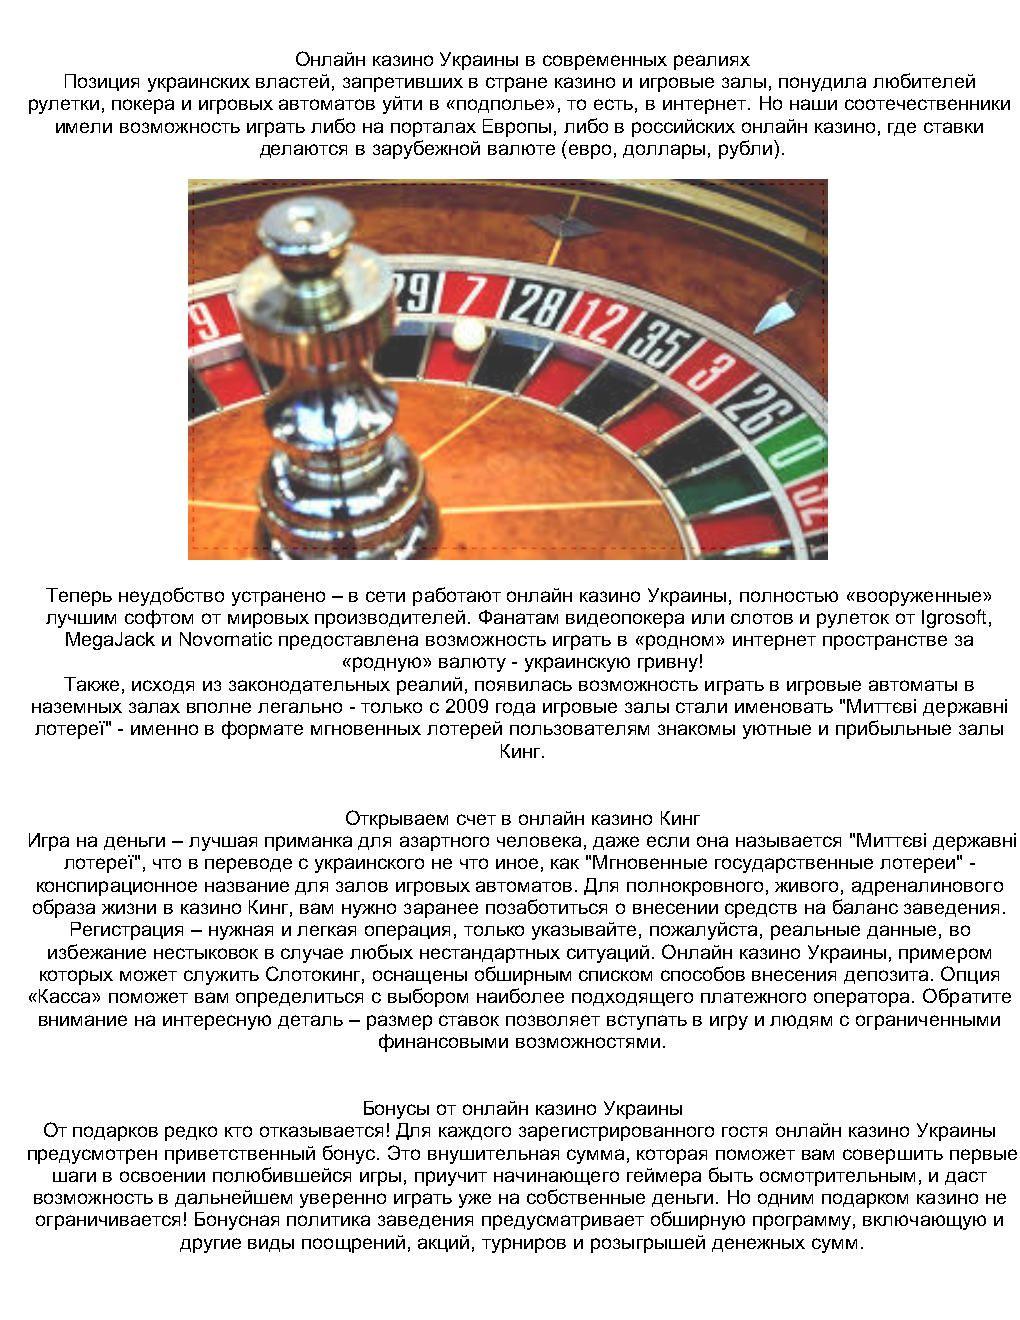 Интернет казино доллар в подарок реально ли выиграть в казино вулкан отзывы